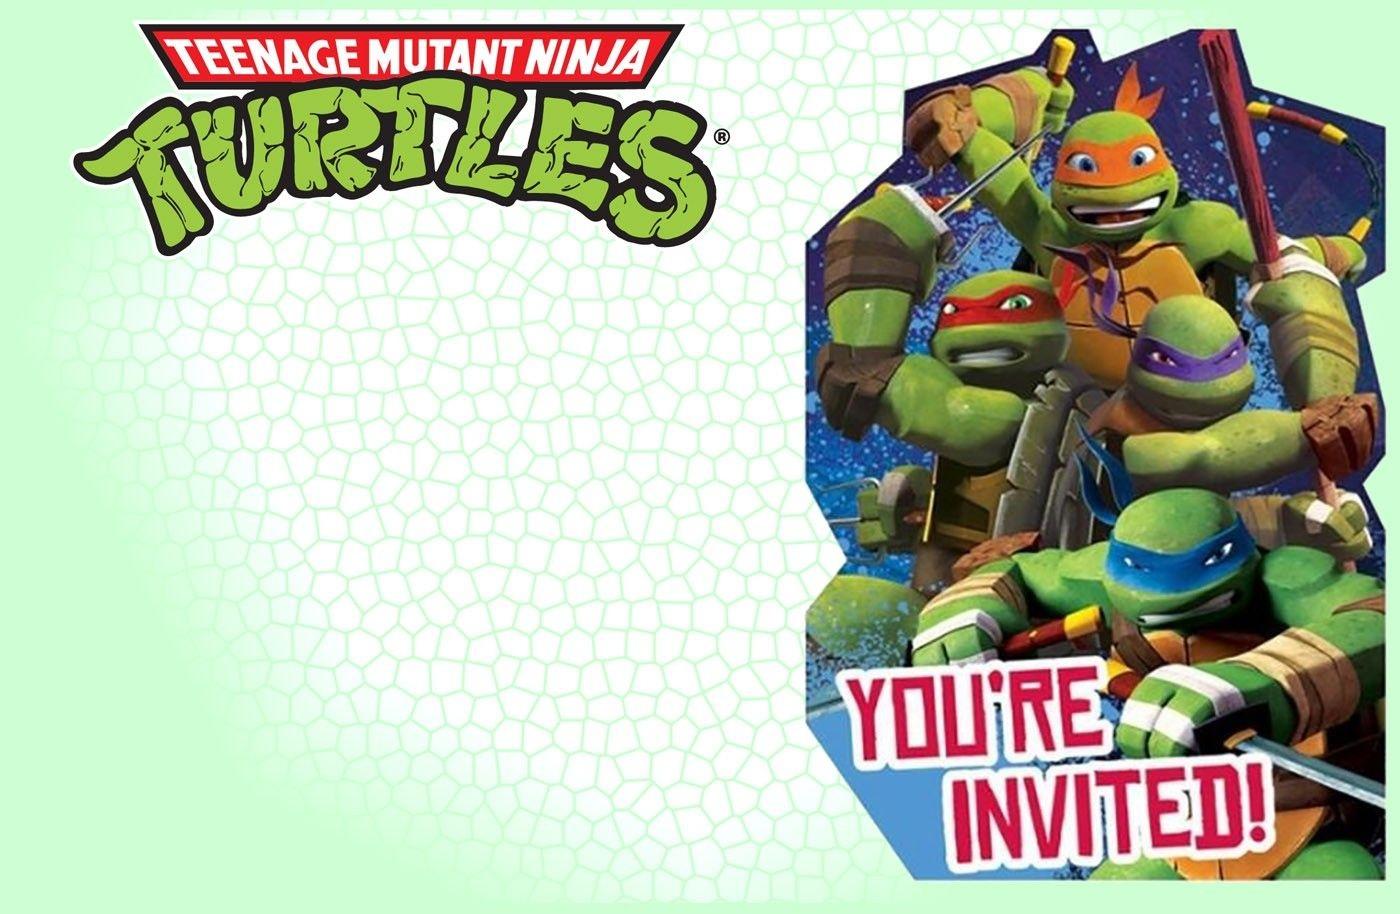 Editable Ninja Turtle Invitation Template   Tkb Printables In 2019 - Free Printable Ninja Turtle Birthday Invitations